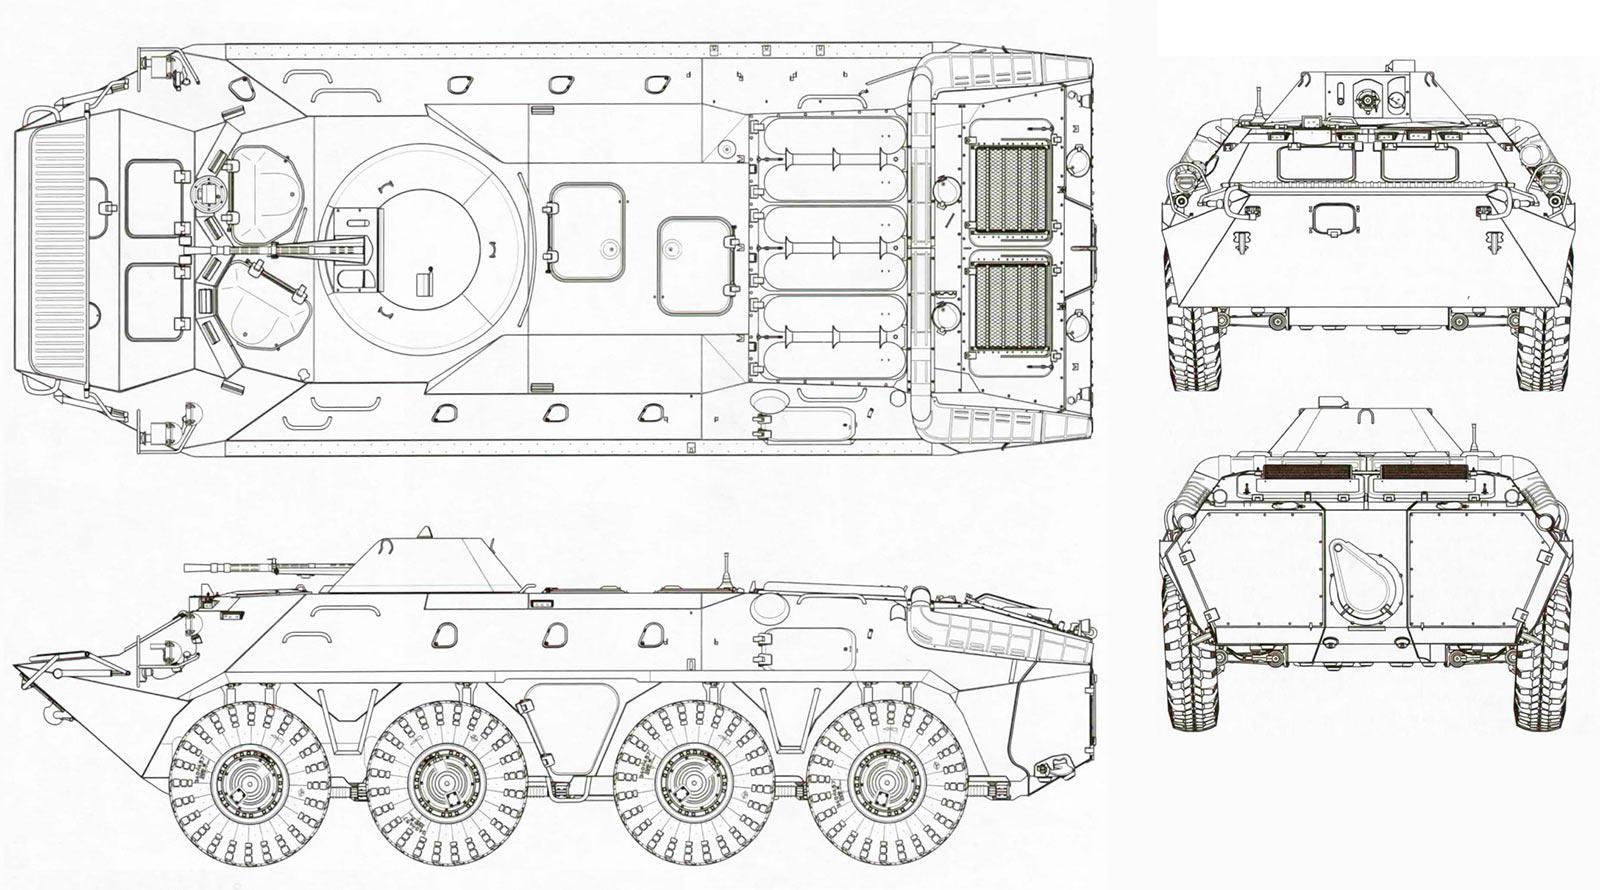 Чертеж бронетранспортера БТР-70